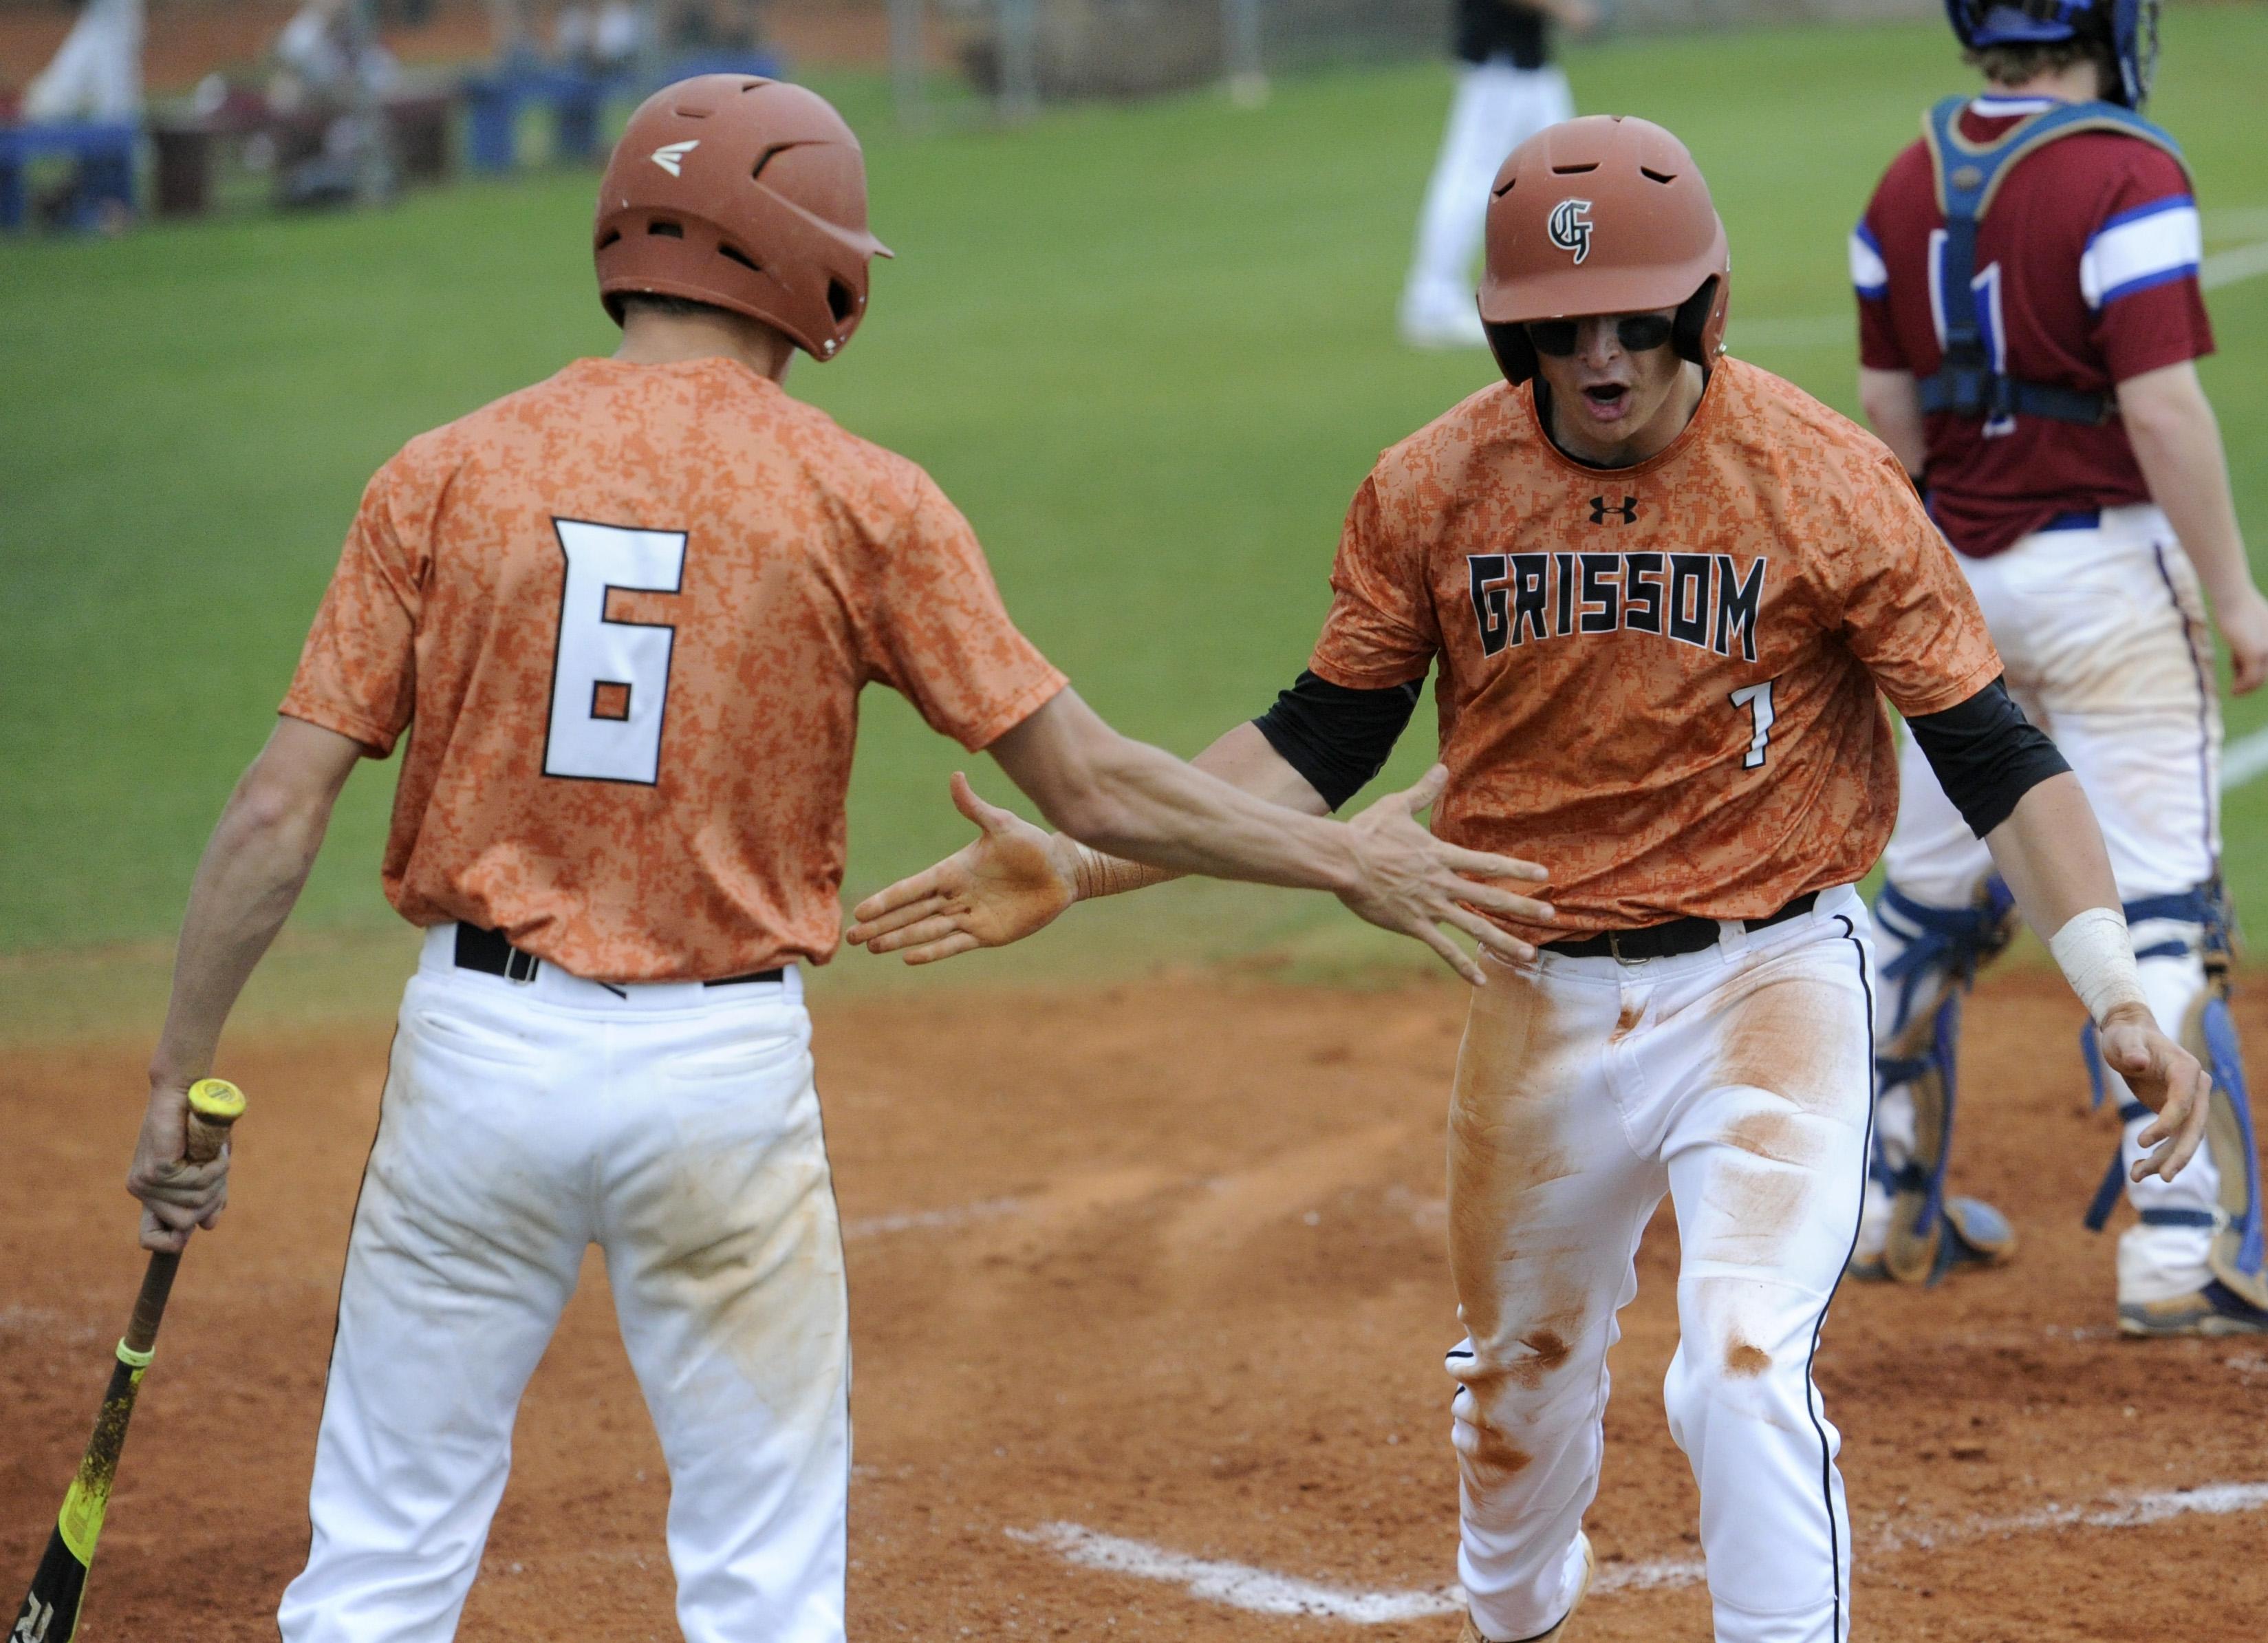 Grissom - Huntsville Baseball